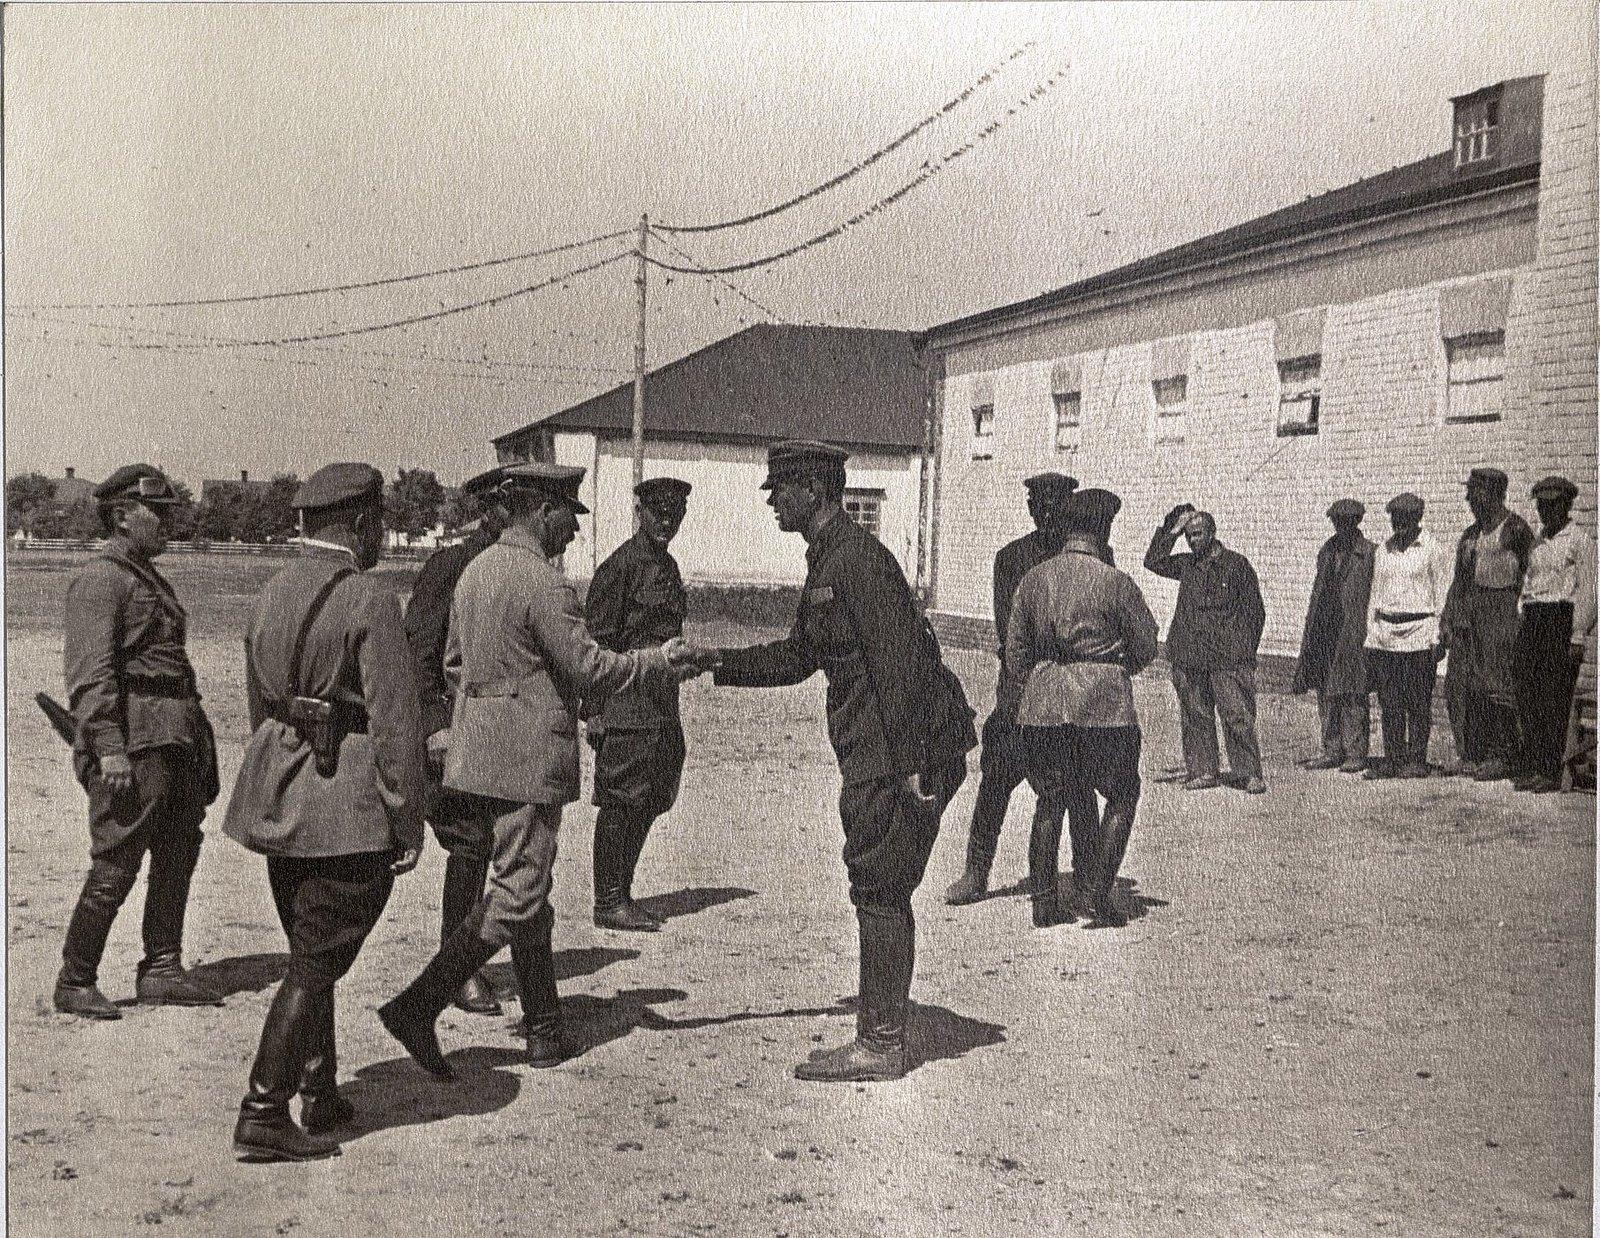 64. И.В. Сталин, К.Е. Ворошилов, С.М. Буденный с сотрудниками охраны во время посещения воинской част